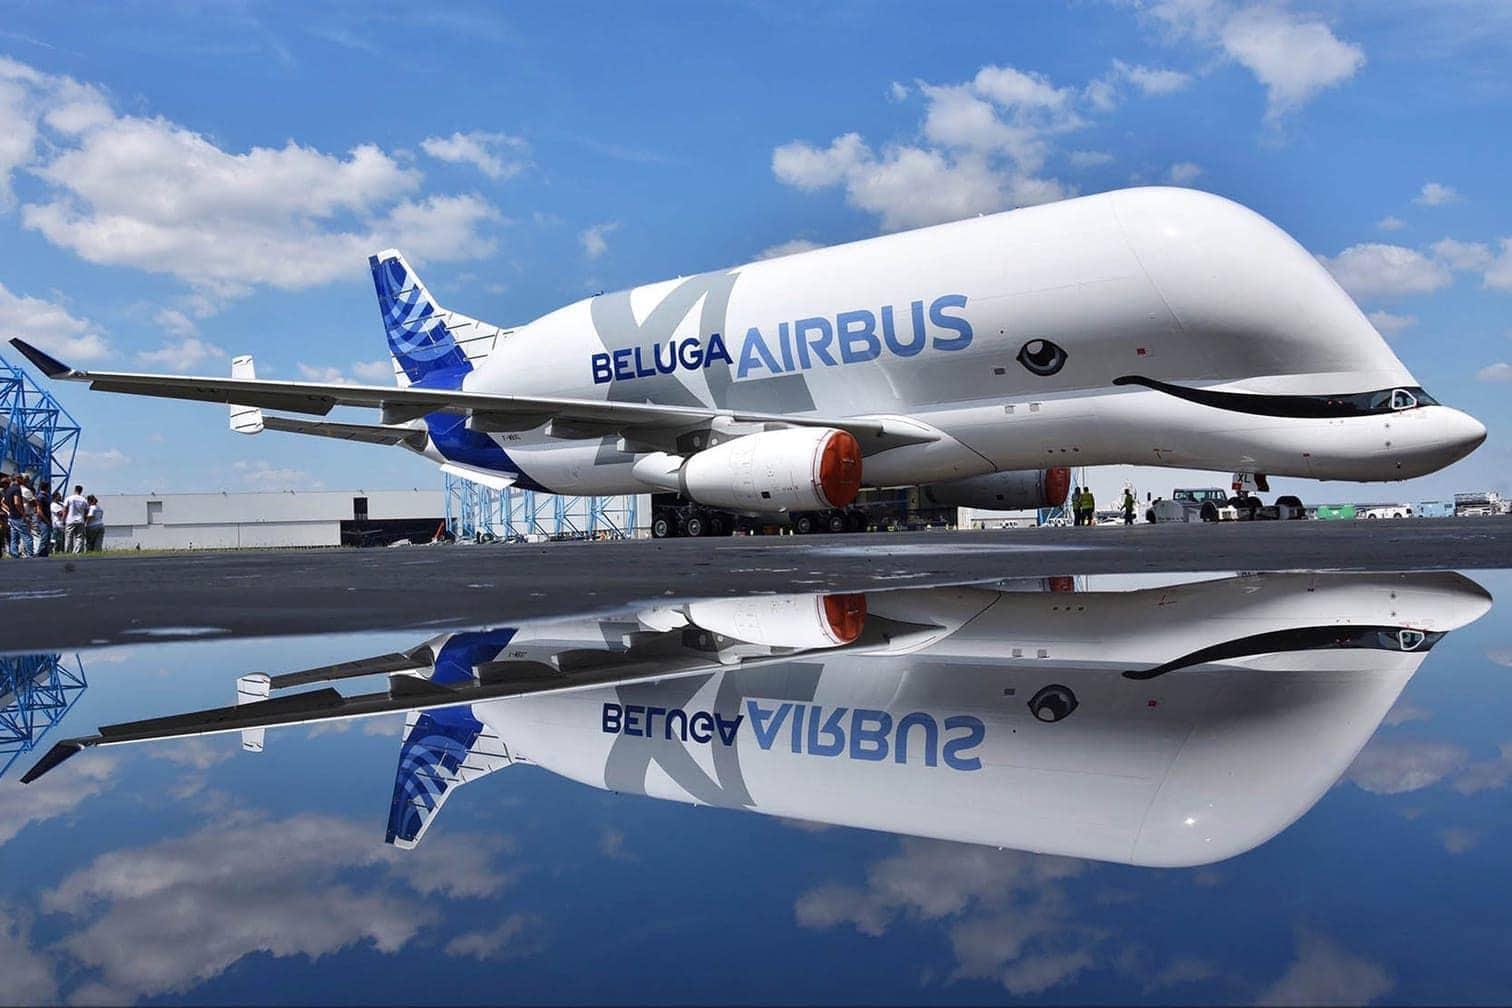 <p>Bis dahin soll der fliegende Weißwal nach Angaben von Airbus noch rund 600 Flugstunden zu Testzwecken absolvieren.</p> Foto: dpa